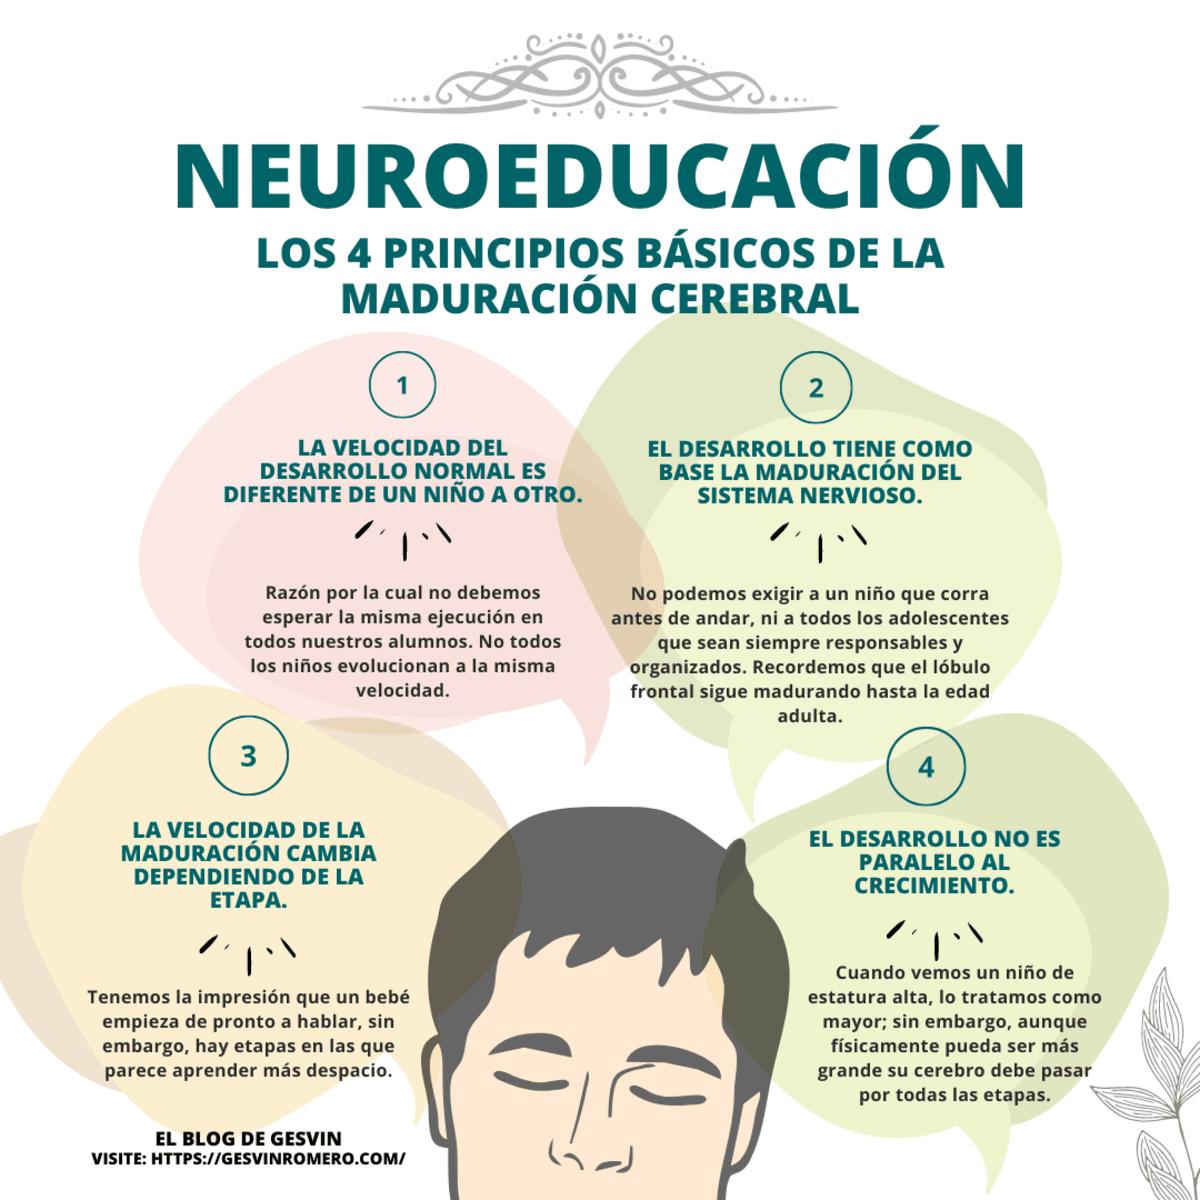 Neuroeducación - Los 4 Principios Básicos de la Maduración Cerebral y Desarrollo Cognitivo.